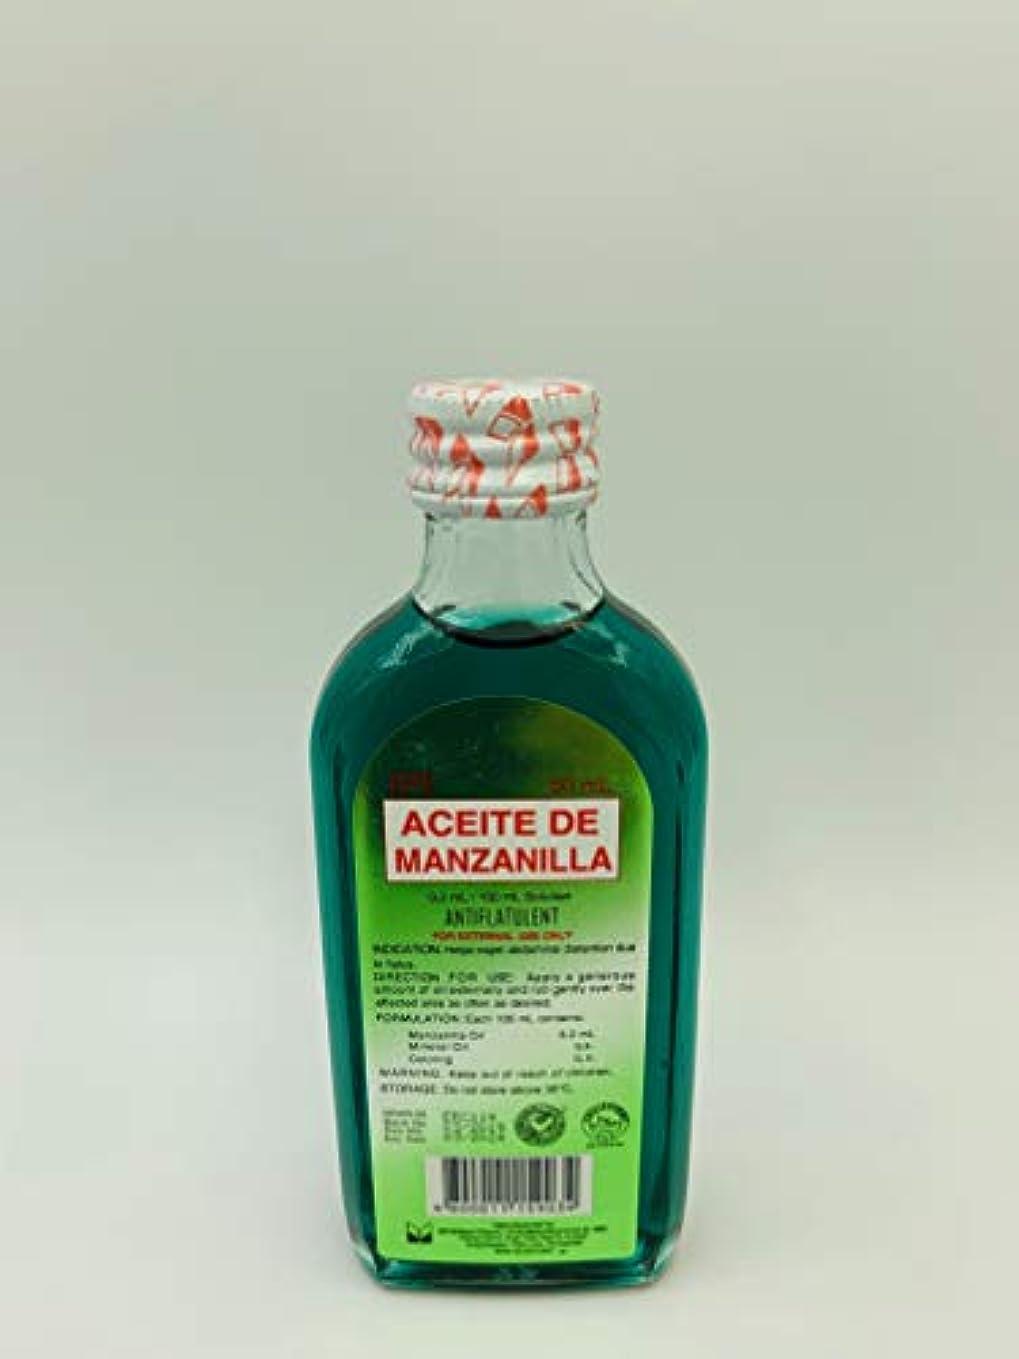 ばかげた繊維ACEITE DE MANZANILLA OIL 50ml【PHILIPPINES】アシーテ マッサージ オイル 50ml フィリピン